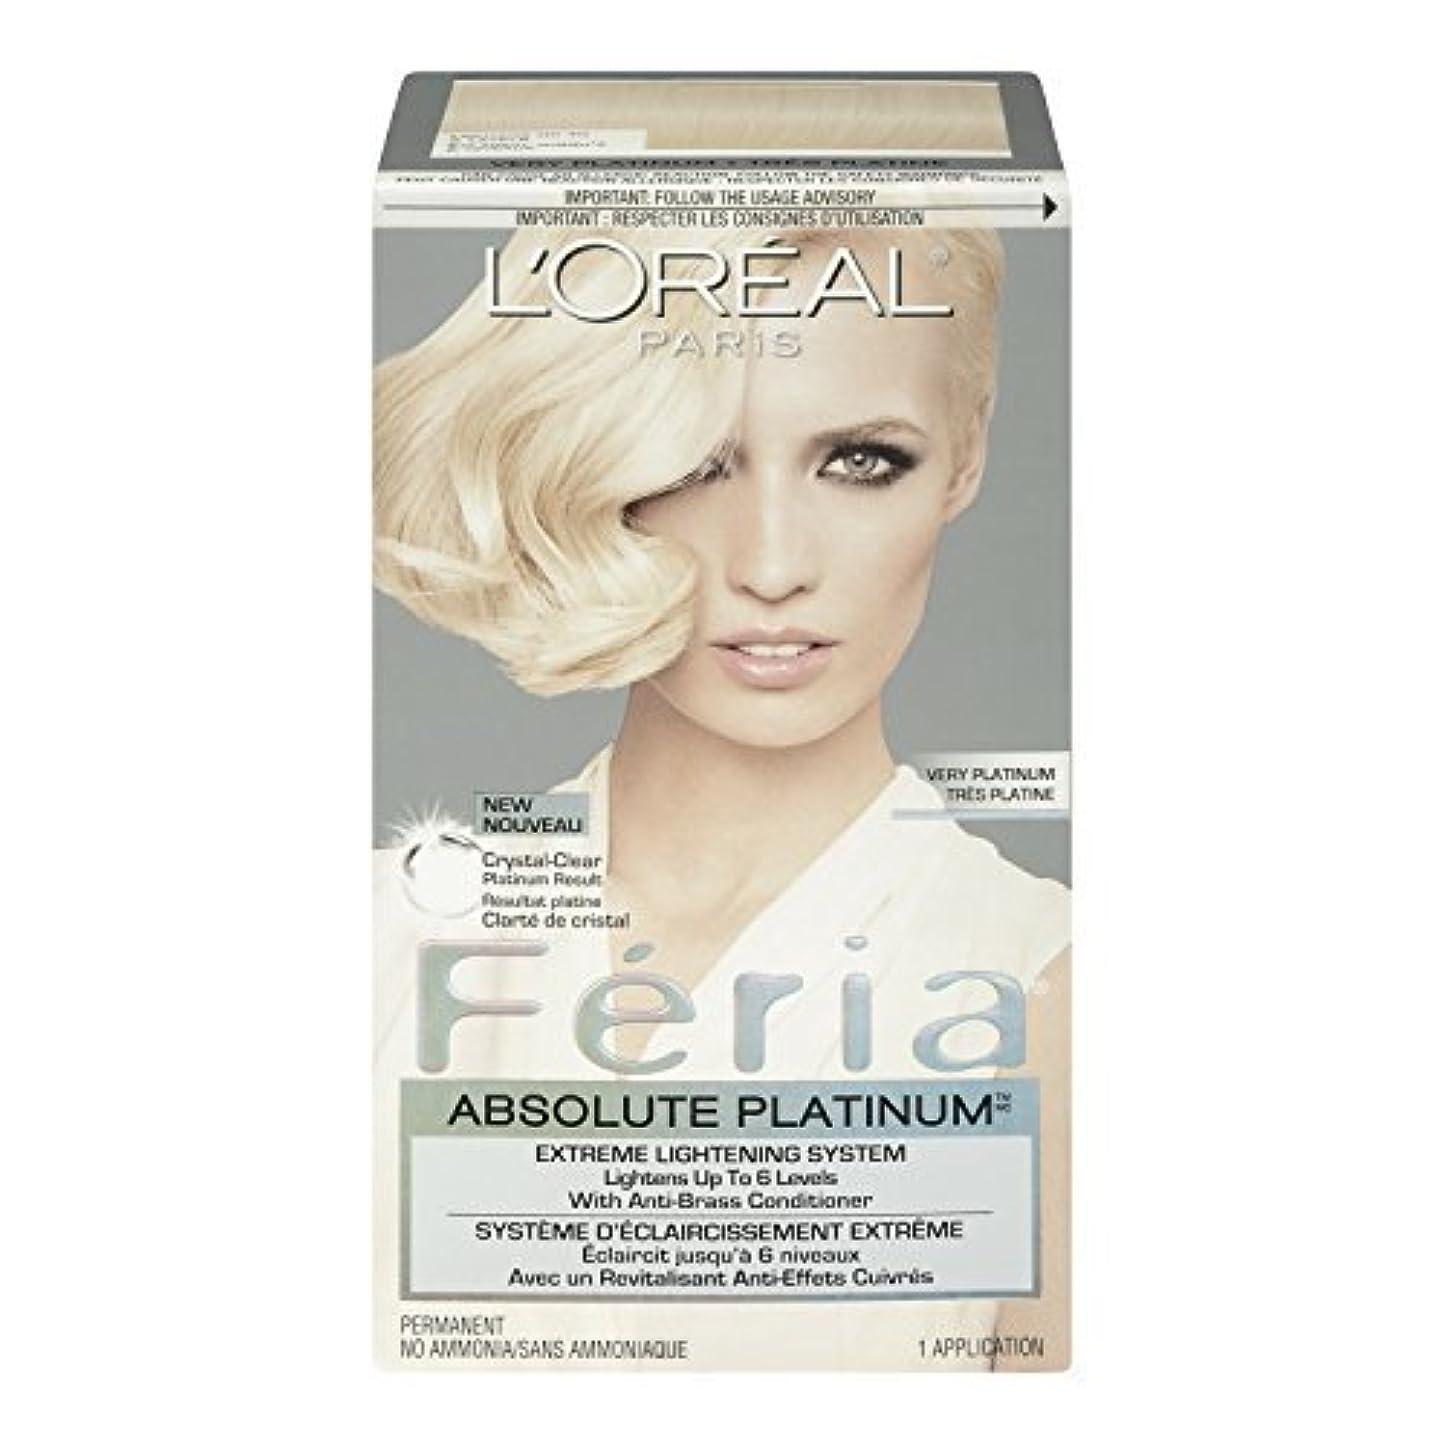 属性文字通り共役L'Oreal Feria Absolute Platinums Hair Color, Very Platinum by L'Oreal Paris Hair Color [並行輸入品]